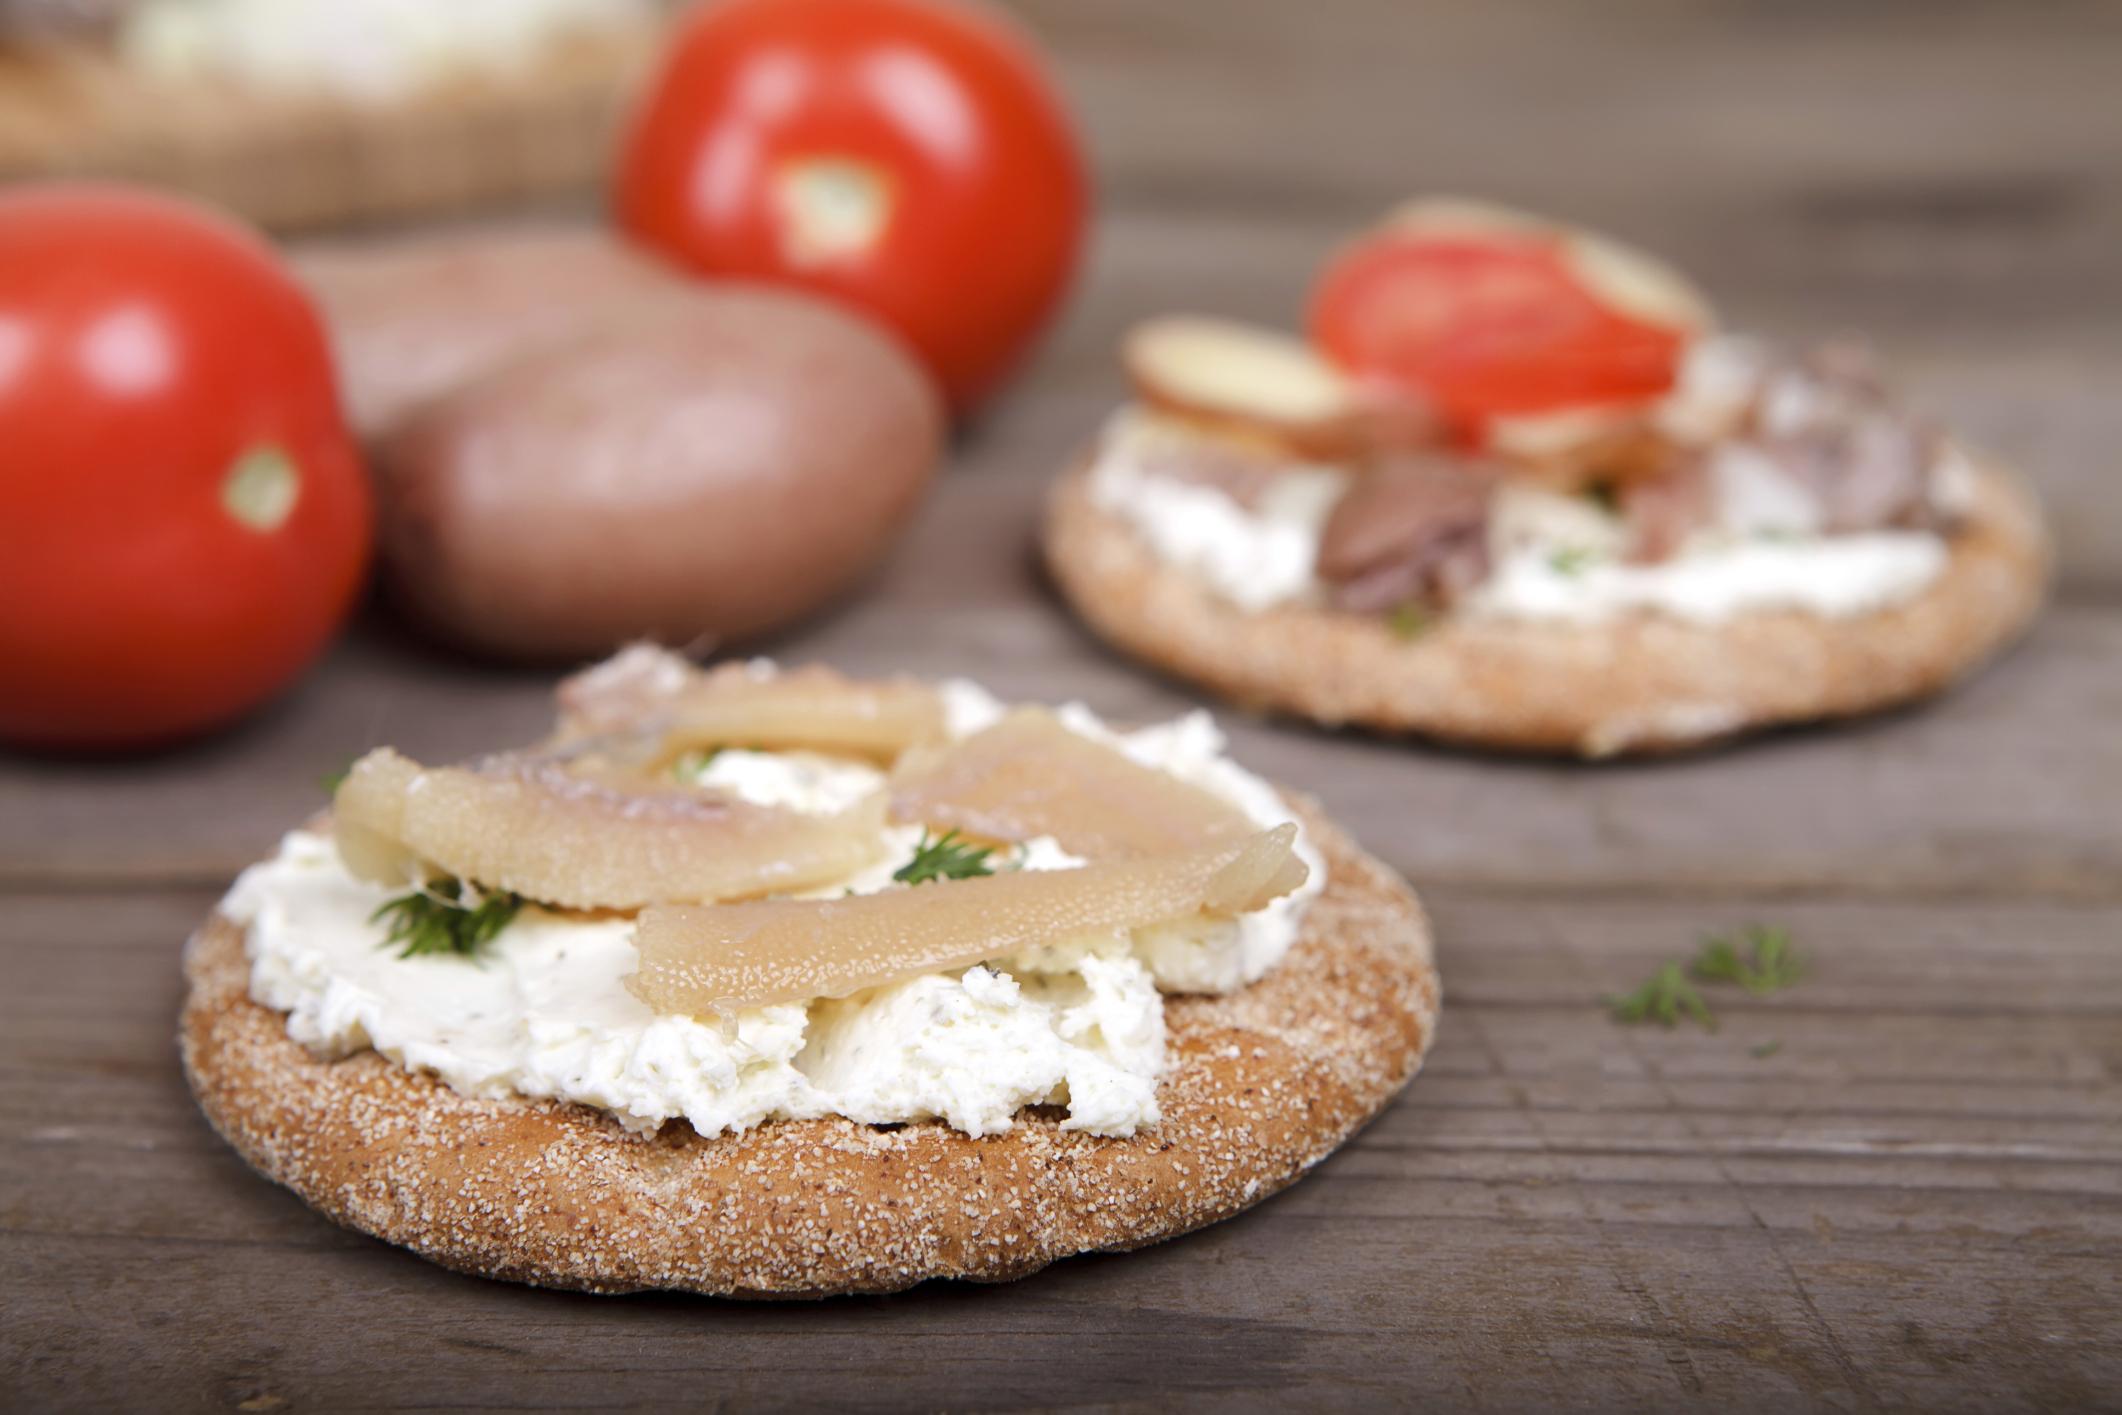 Variedad de arenques con panes suecos